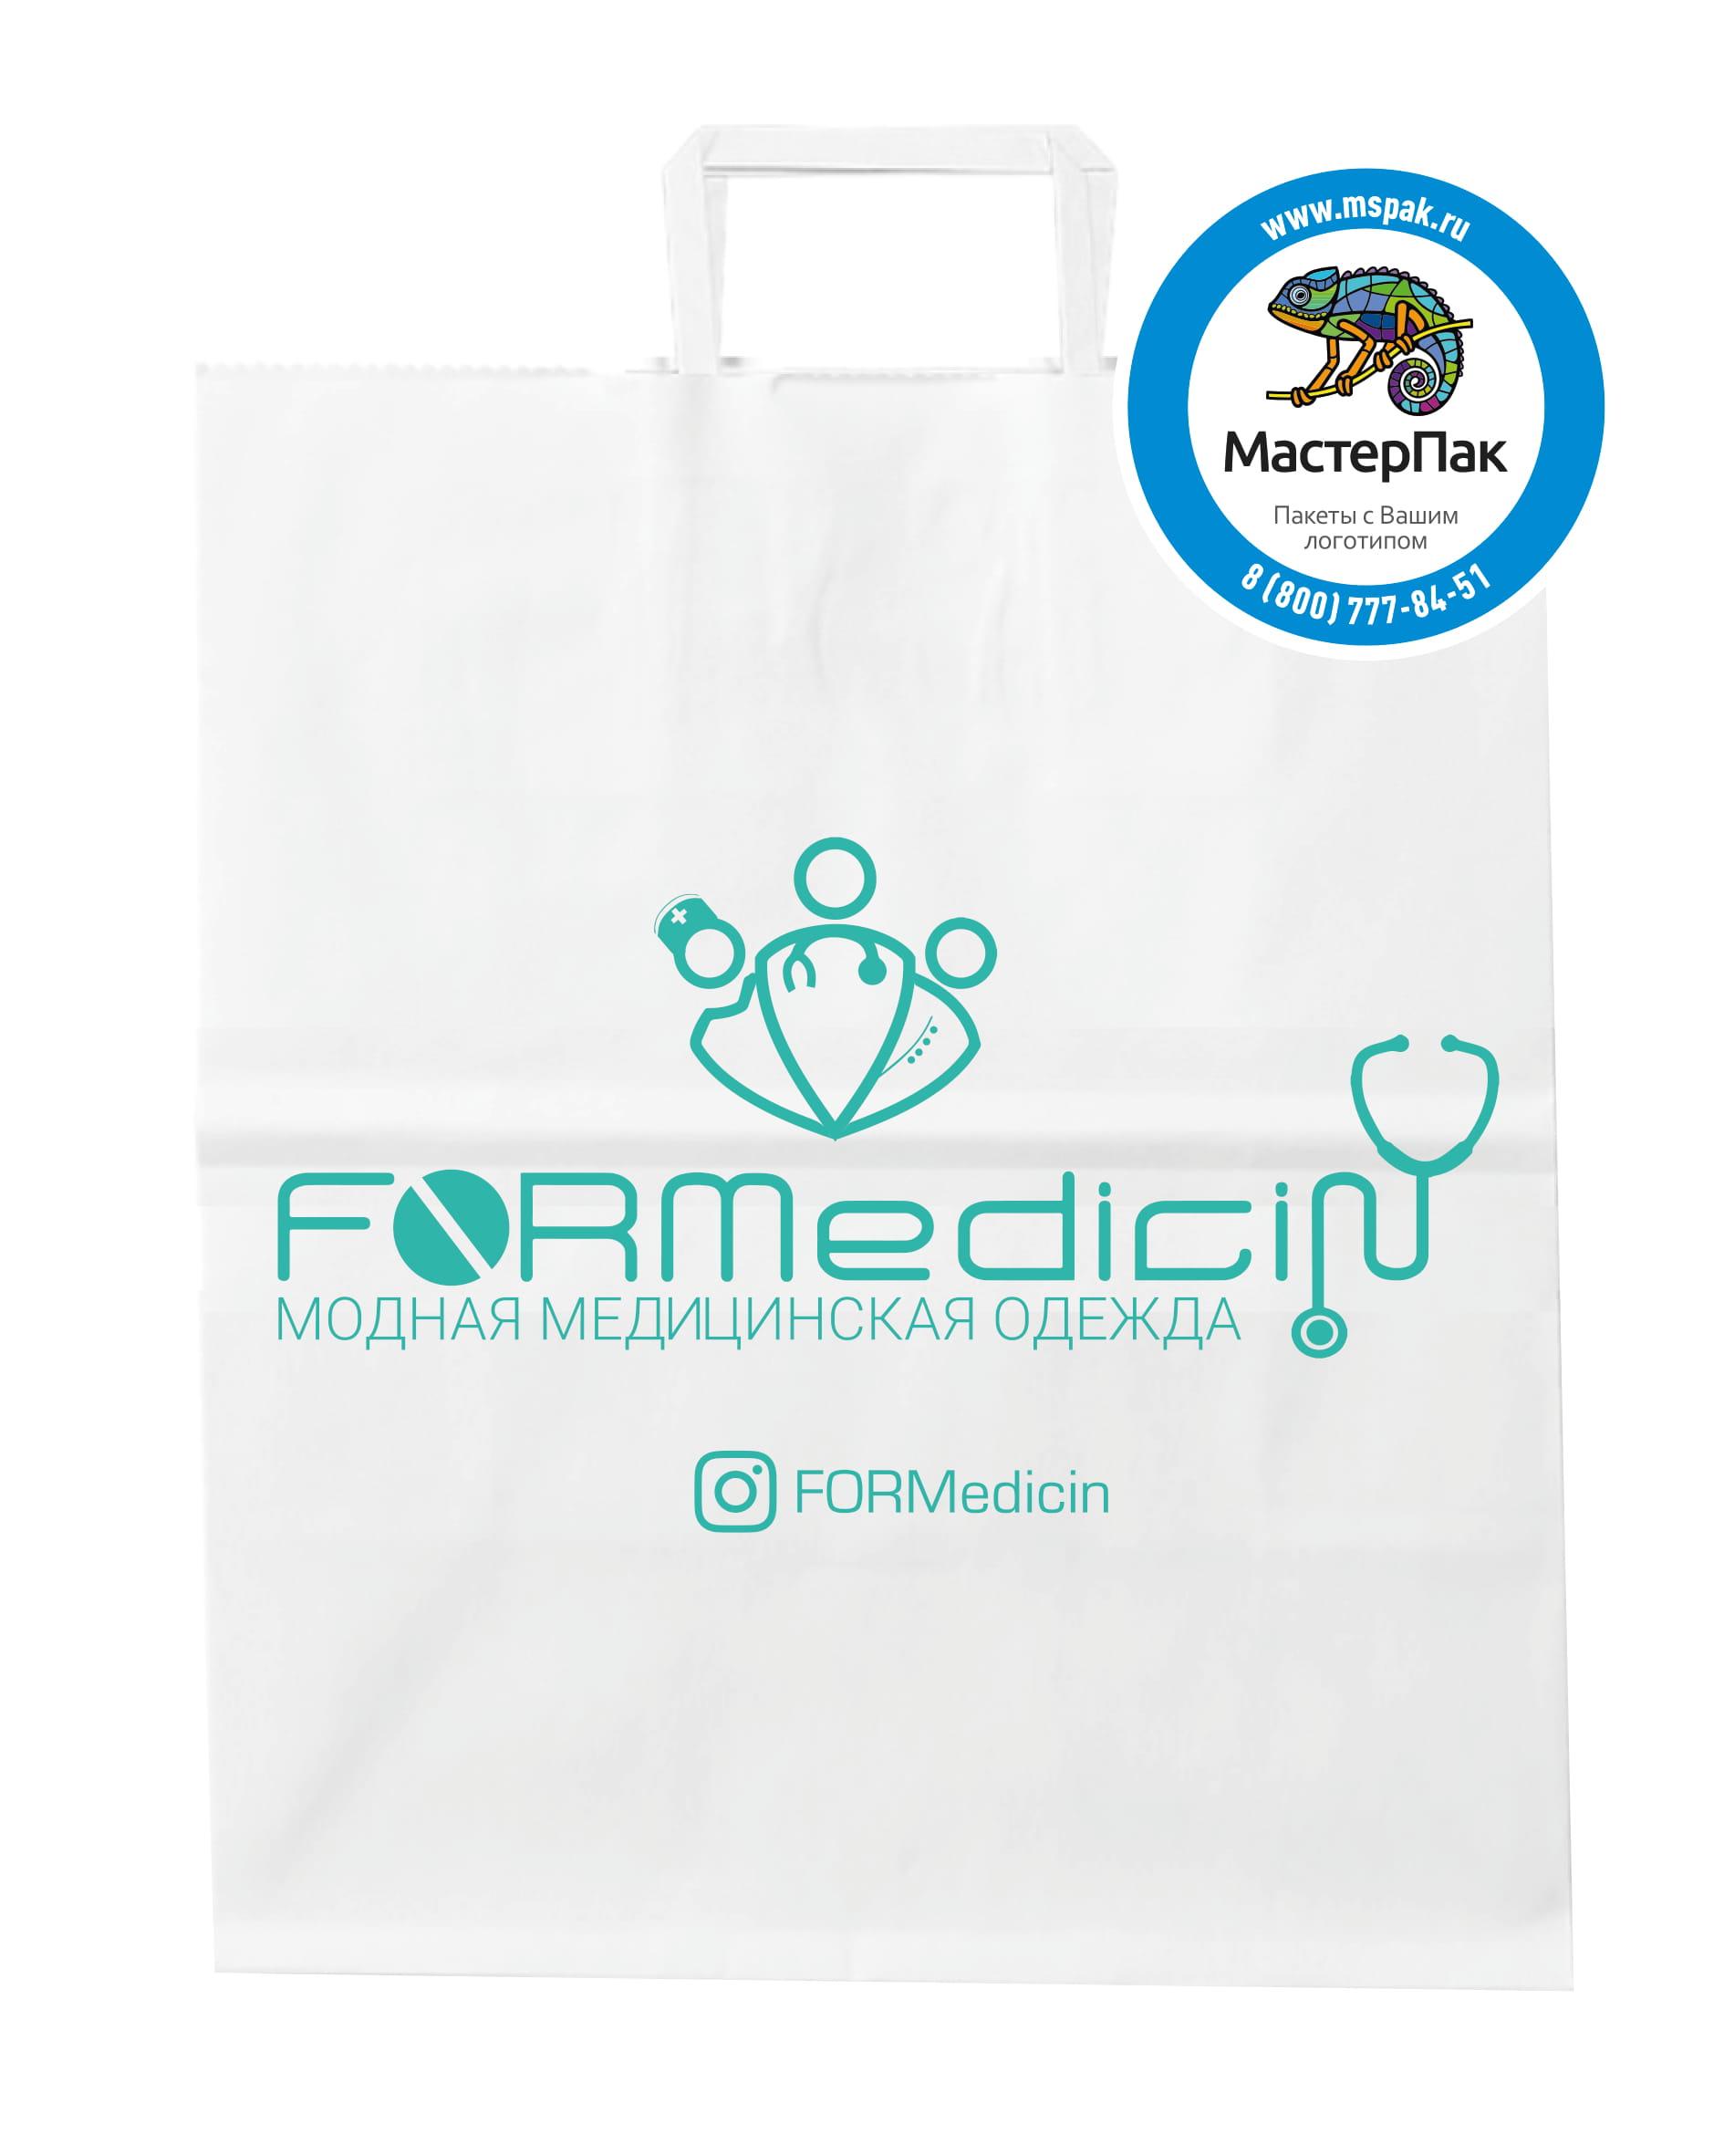 Пакет крафт с плоскими ручками и логотипом FOR medicine, Иркутск